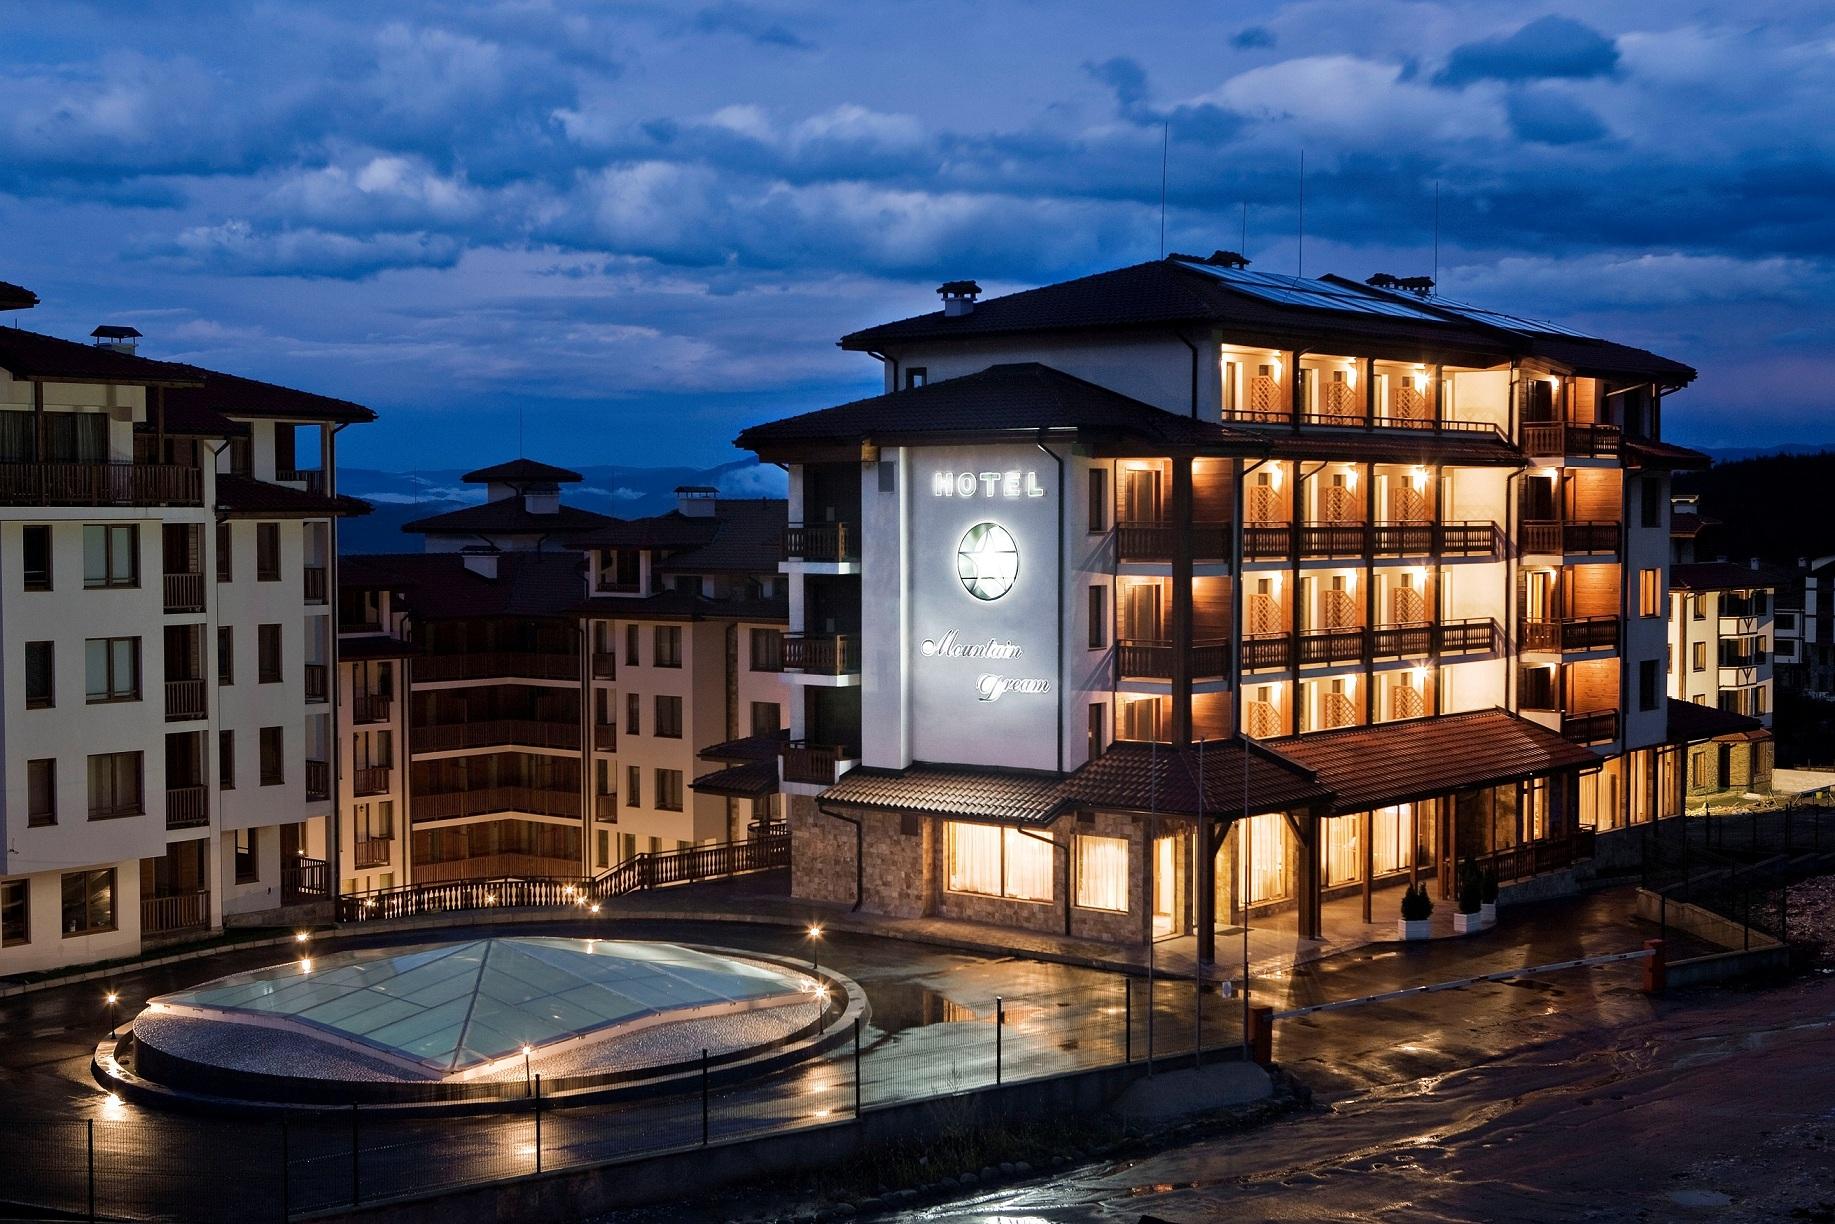 Bugarska Zimovanje 2017 – Hotel Mountain Dreams 3* PROMO CENE DO 30.11.2016